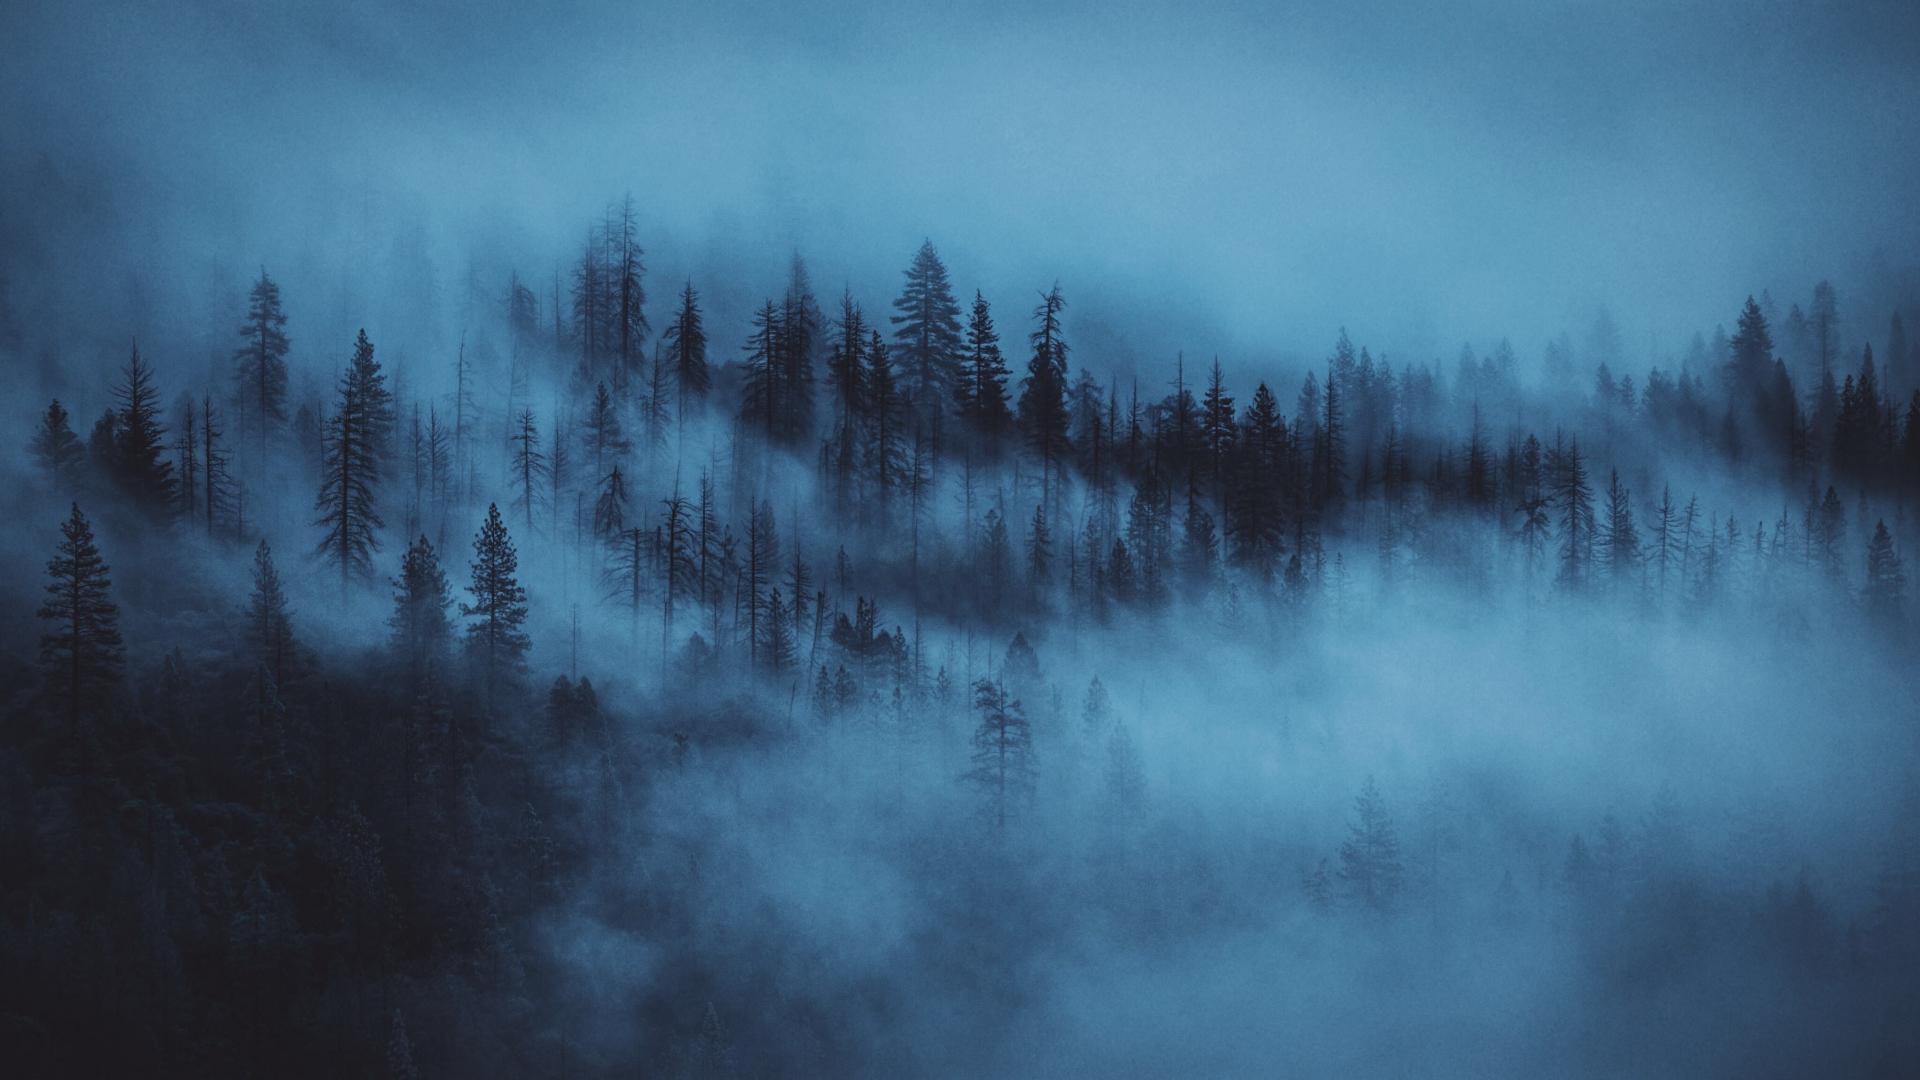 темный лес HD обои для рабочего стола: широкоформатный: высокой ... | 1080x1920